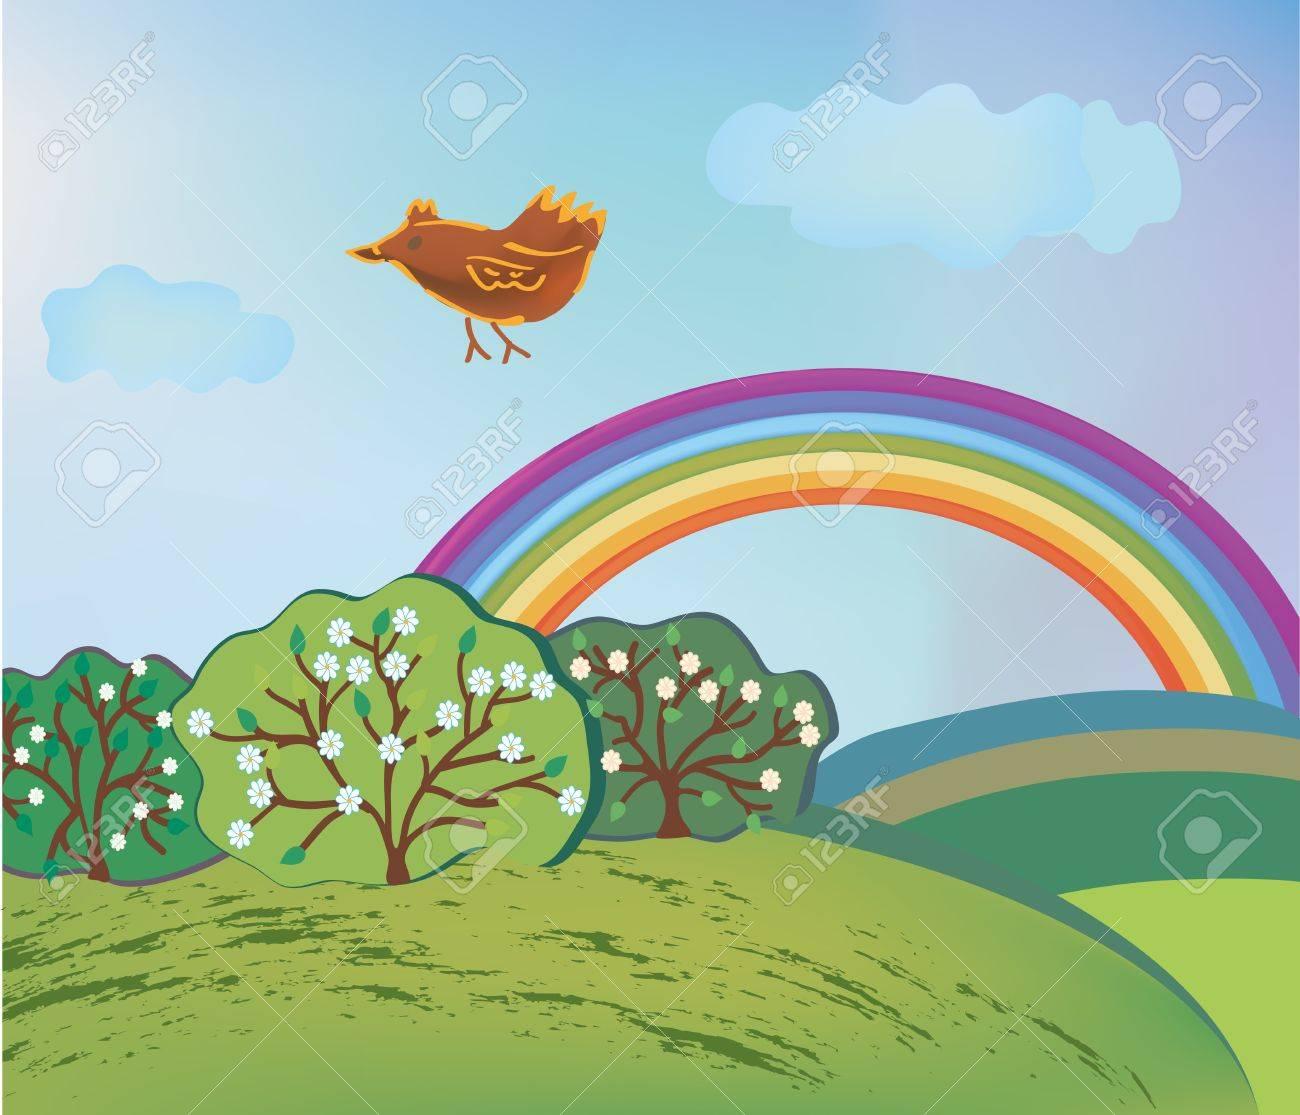 Paysage De Printemps Avec Arc En Ciel Et Oiseau De Dessin Animé à Dessin Printemps Paysage